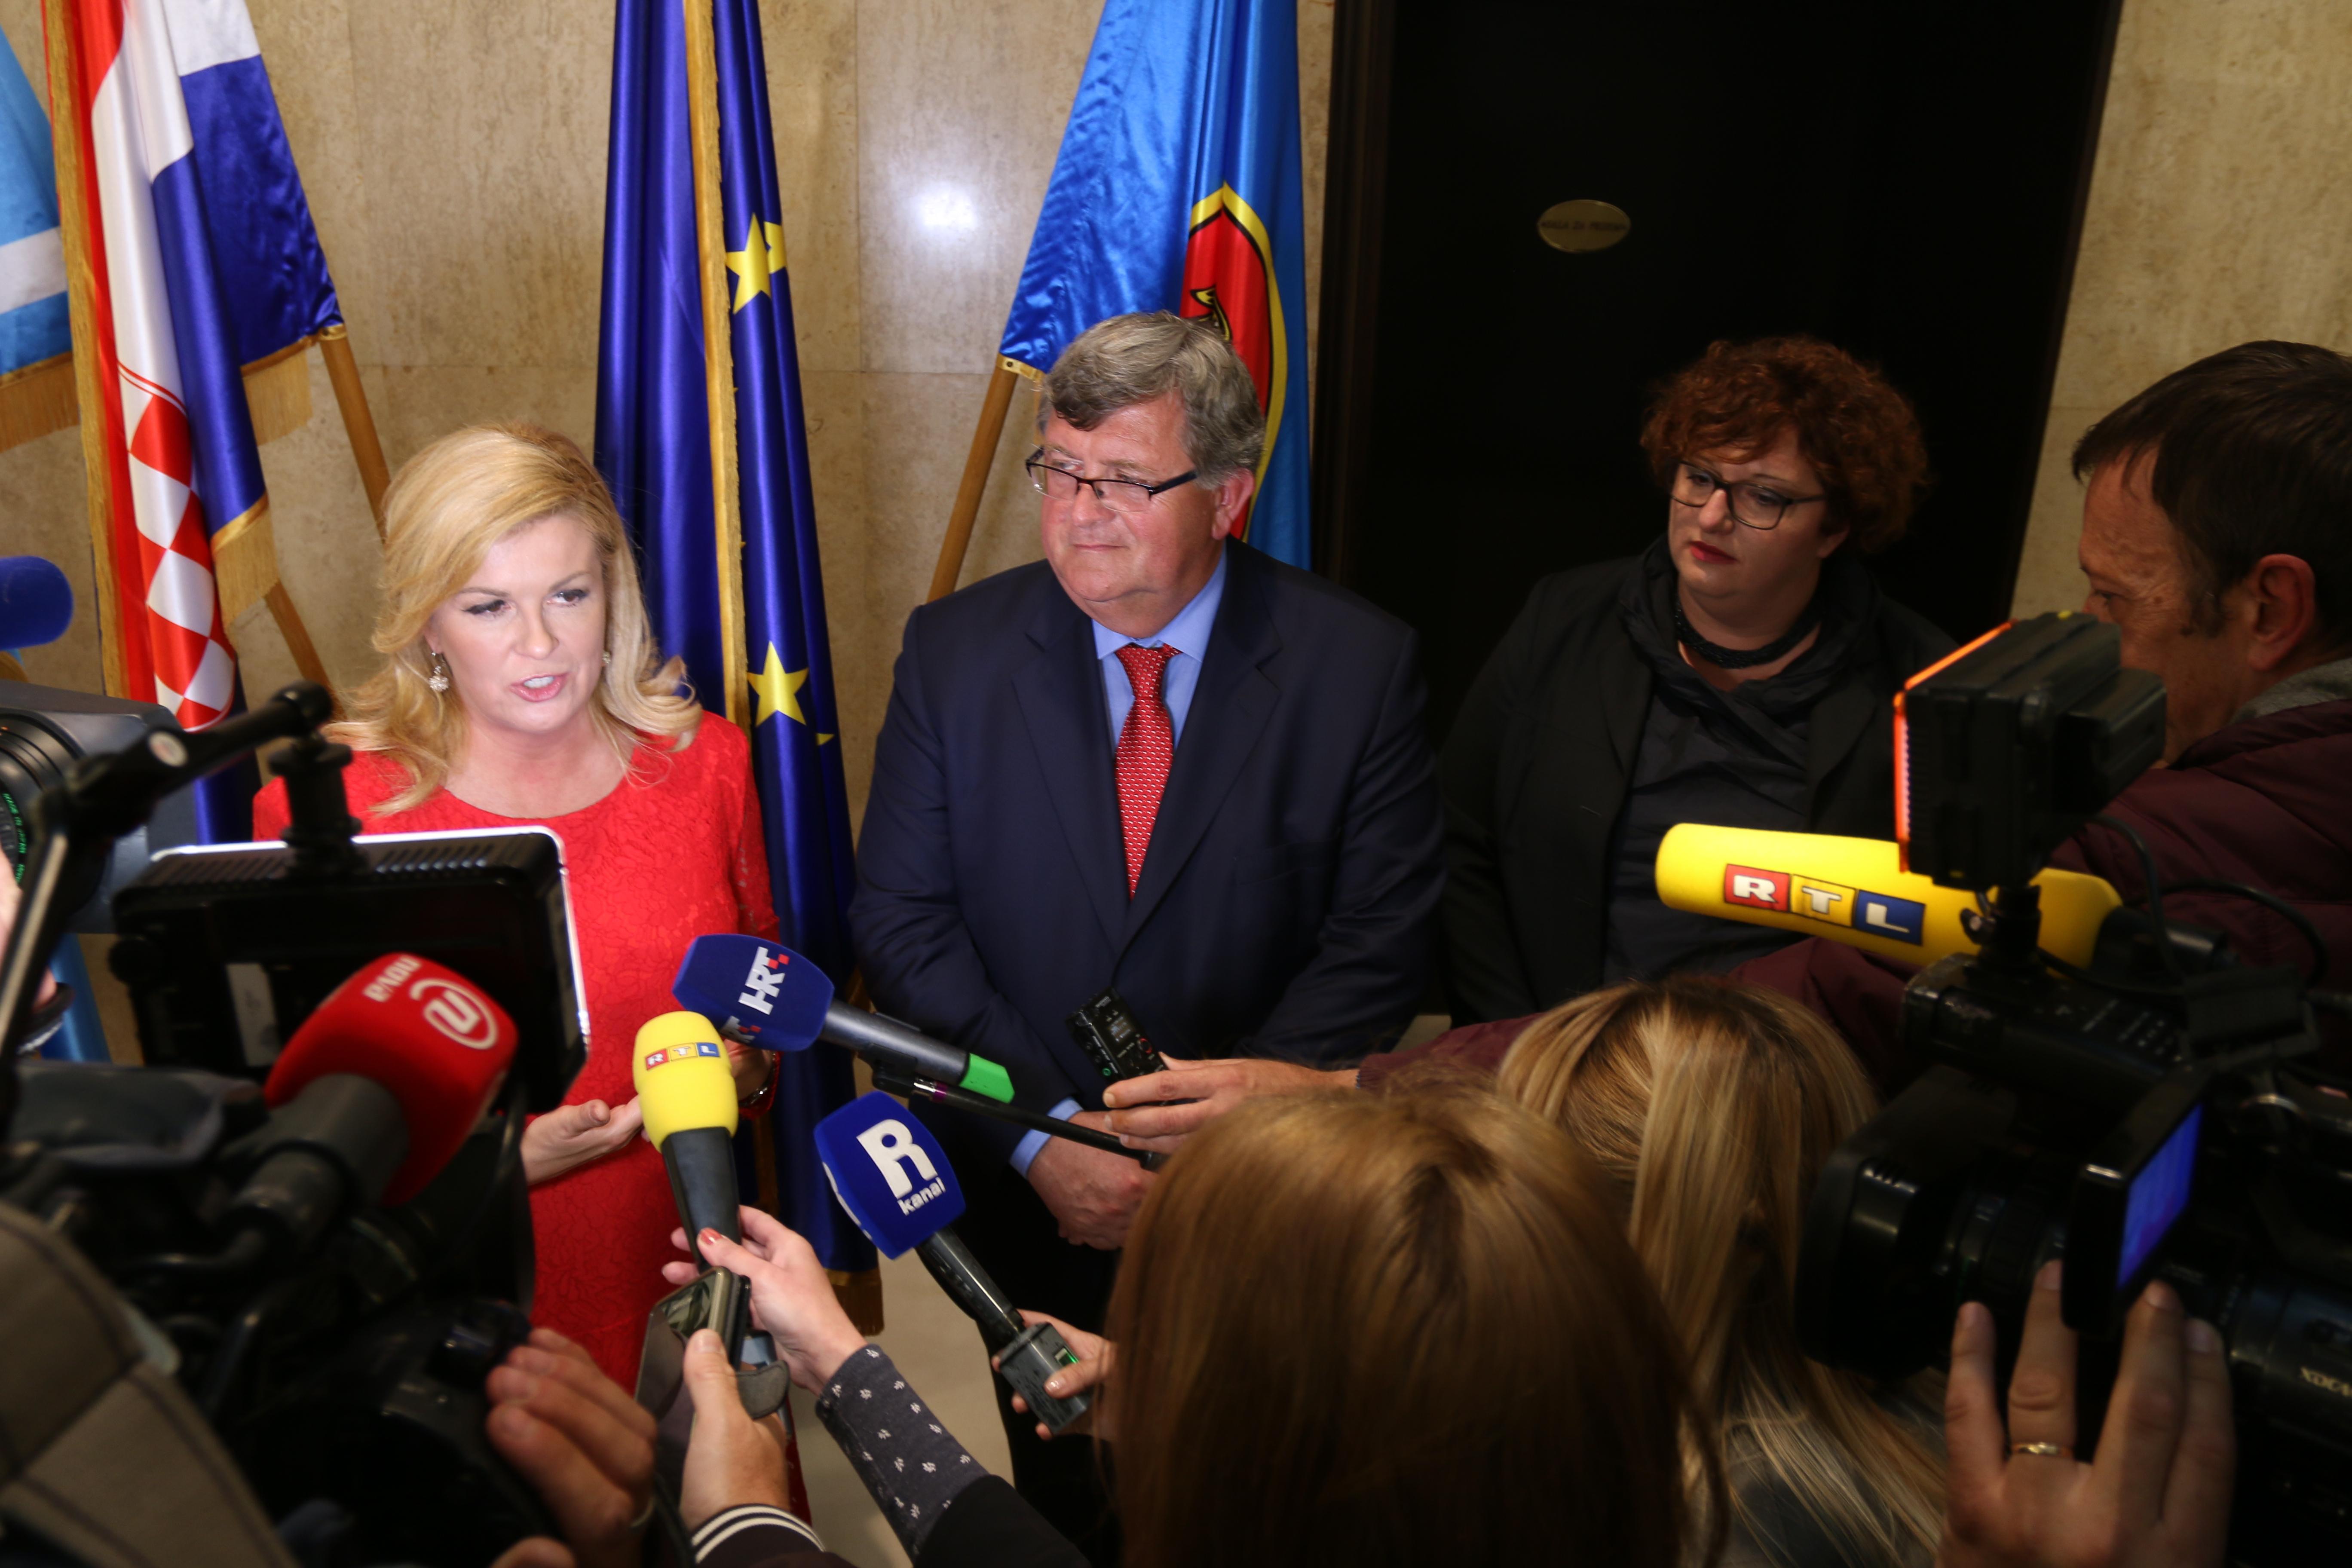 Predsjednica Kolinda Grabar Kitarović: Učinit ću sve što je u mojoj moći kako bismo promovirali i Rijeku i projekt EPK